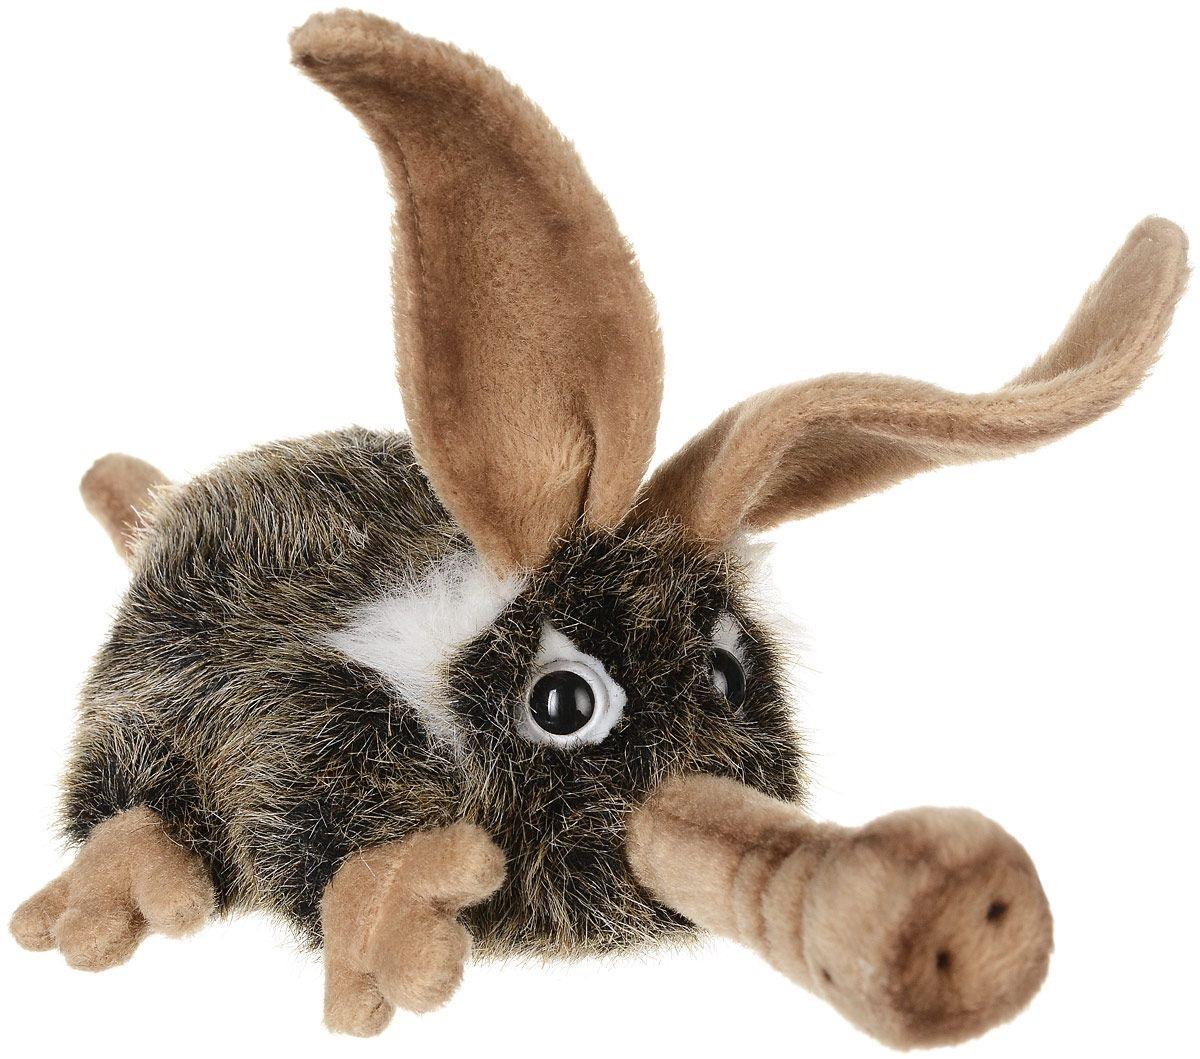 Hansa Мягкая игрушка Лесной тролль 15 см hansa мягкая игрушка верблюд